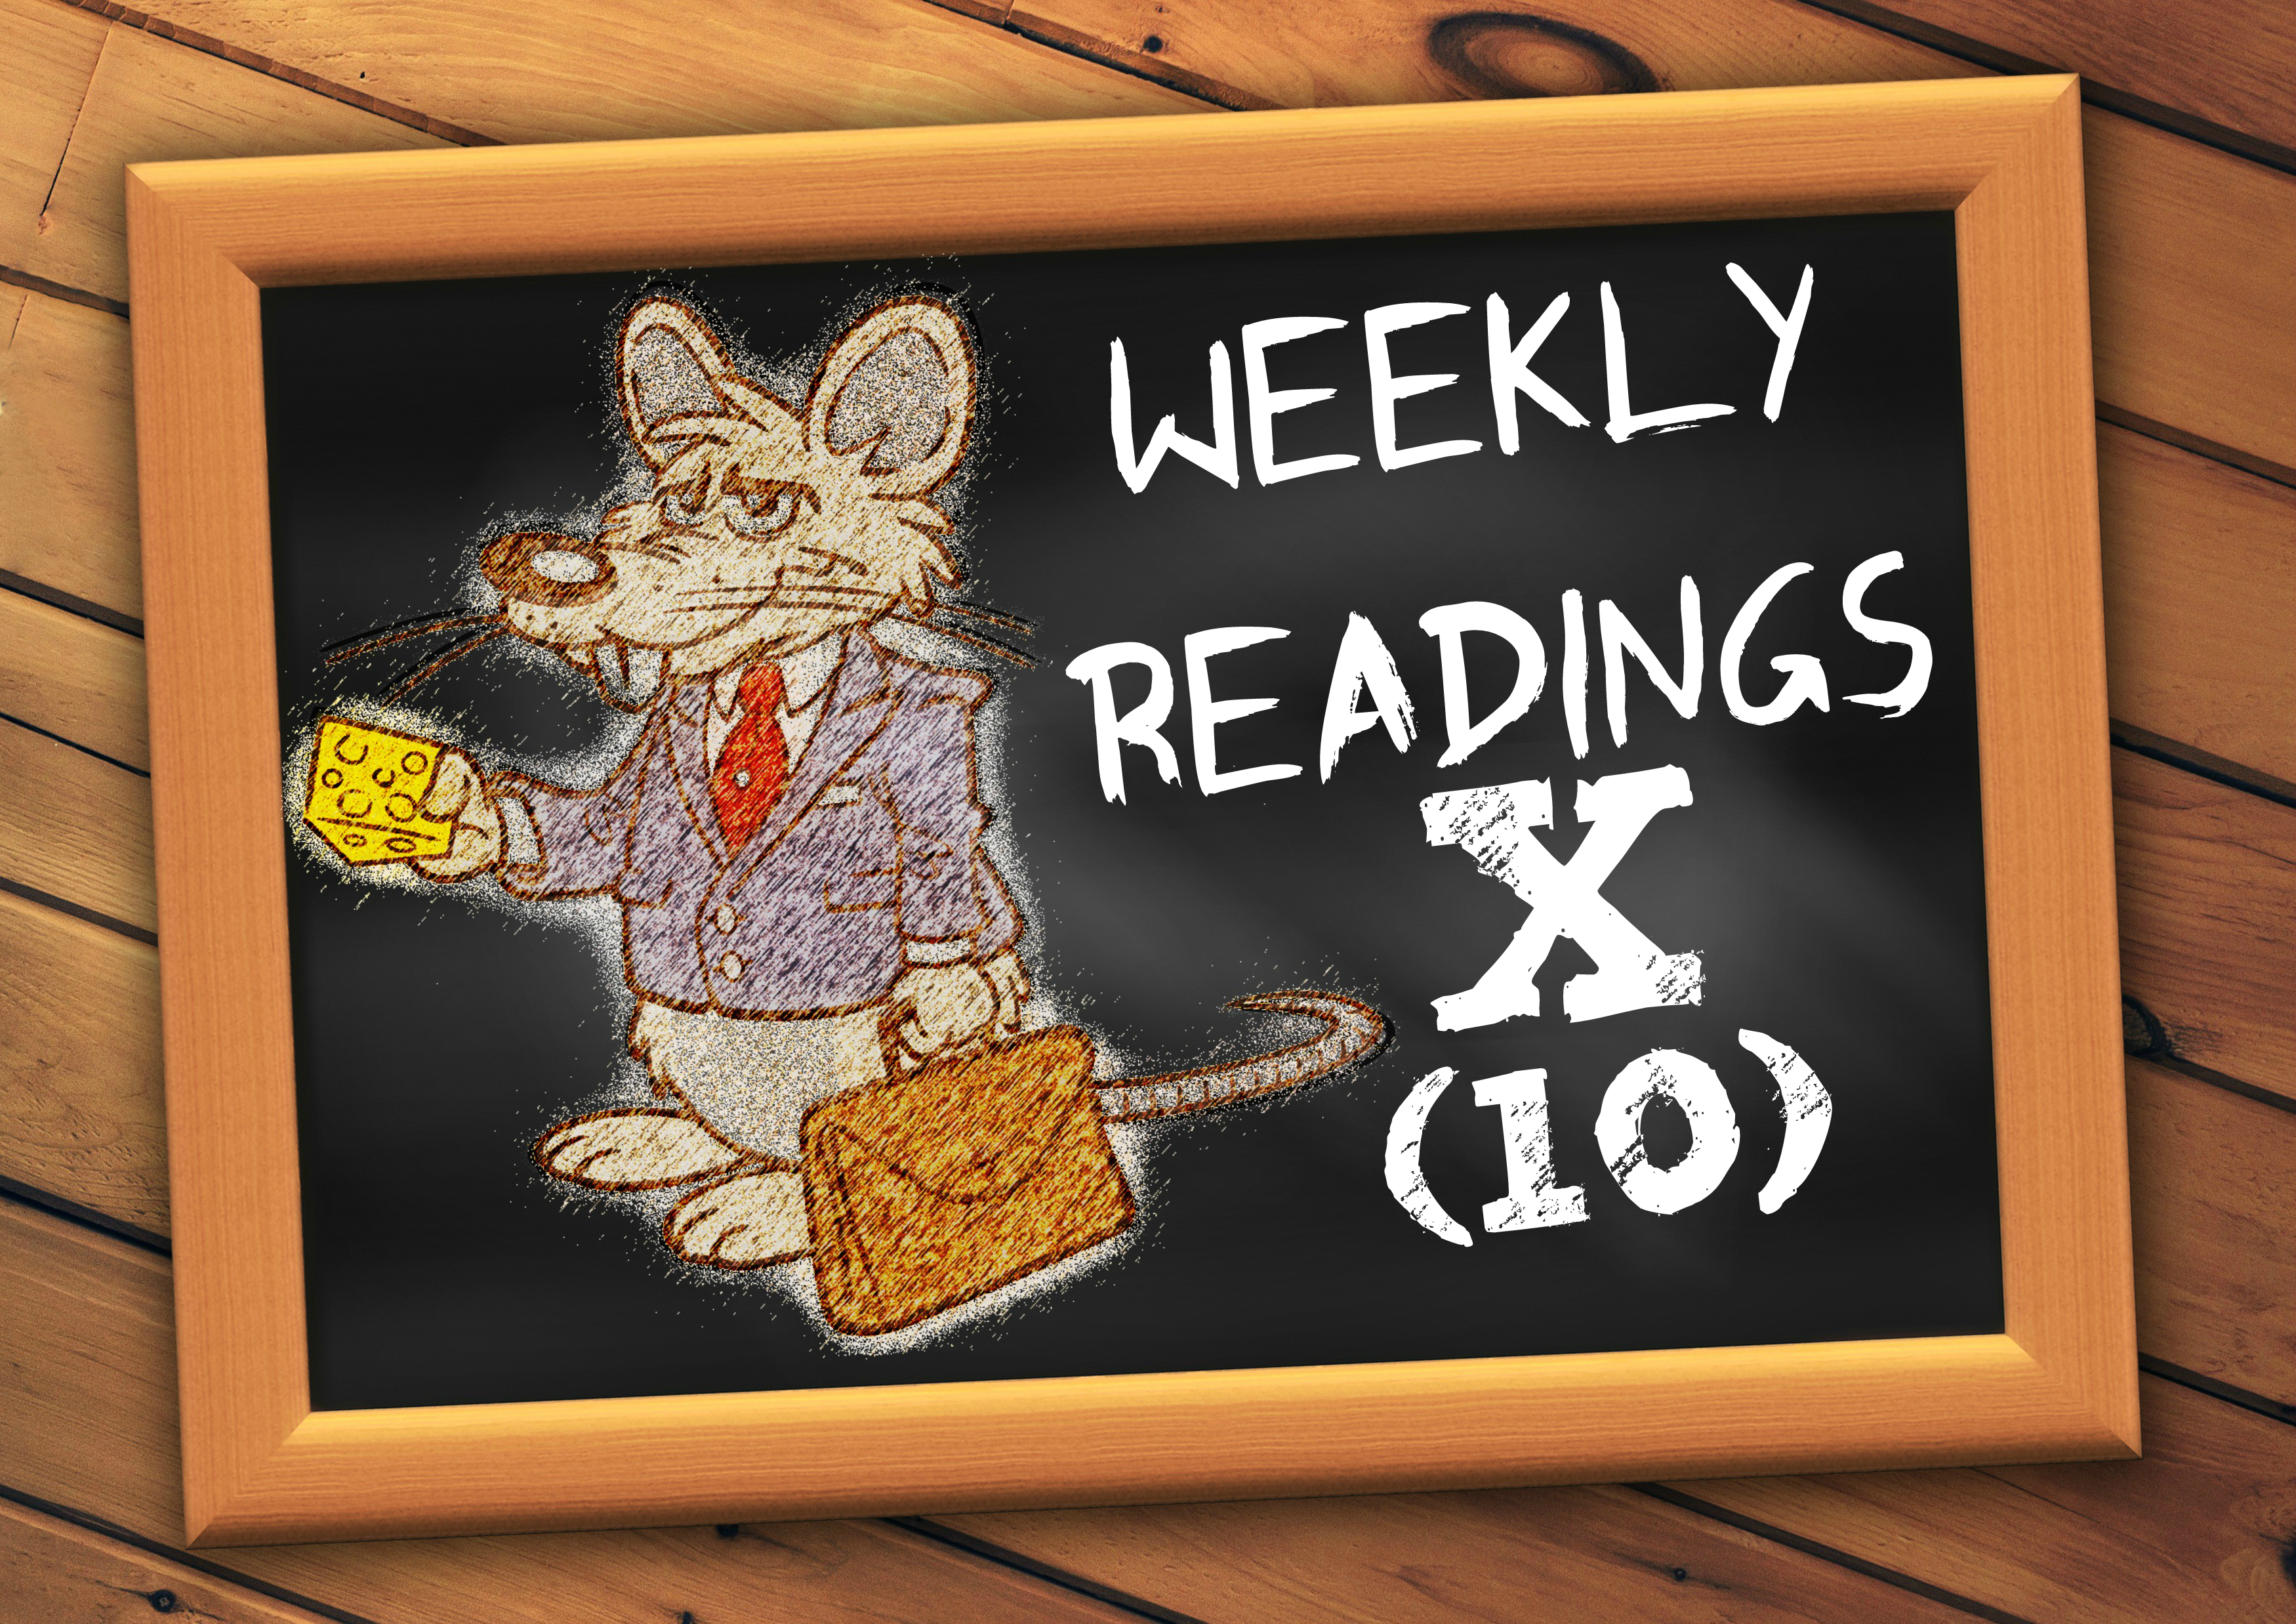 Weekly Readings X (10)